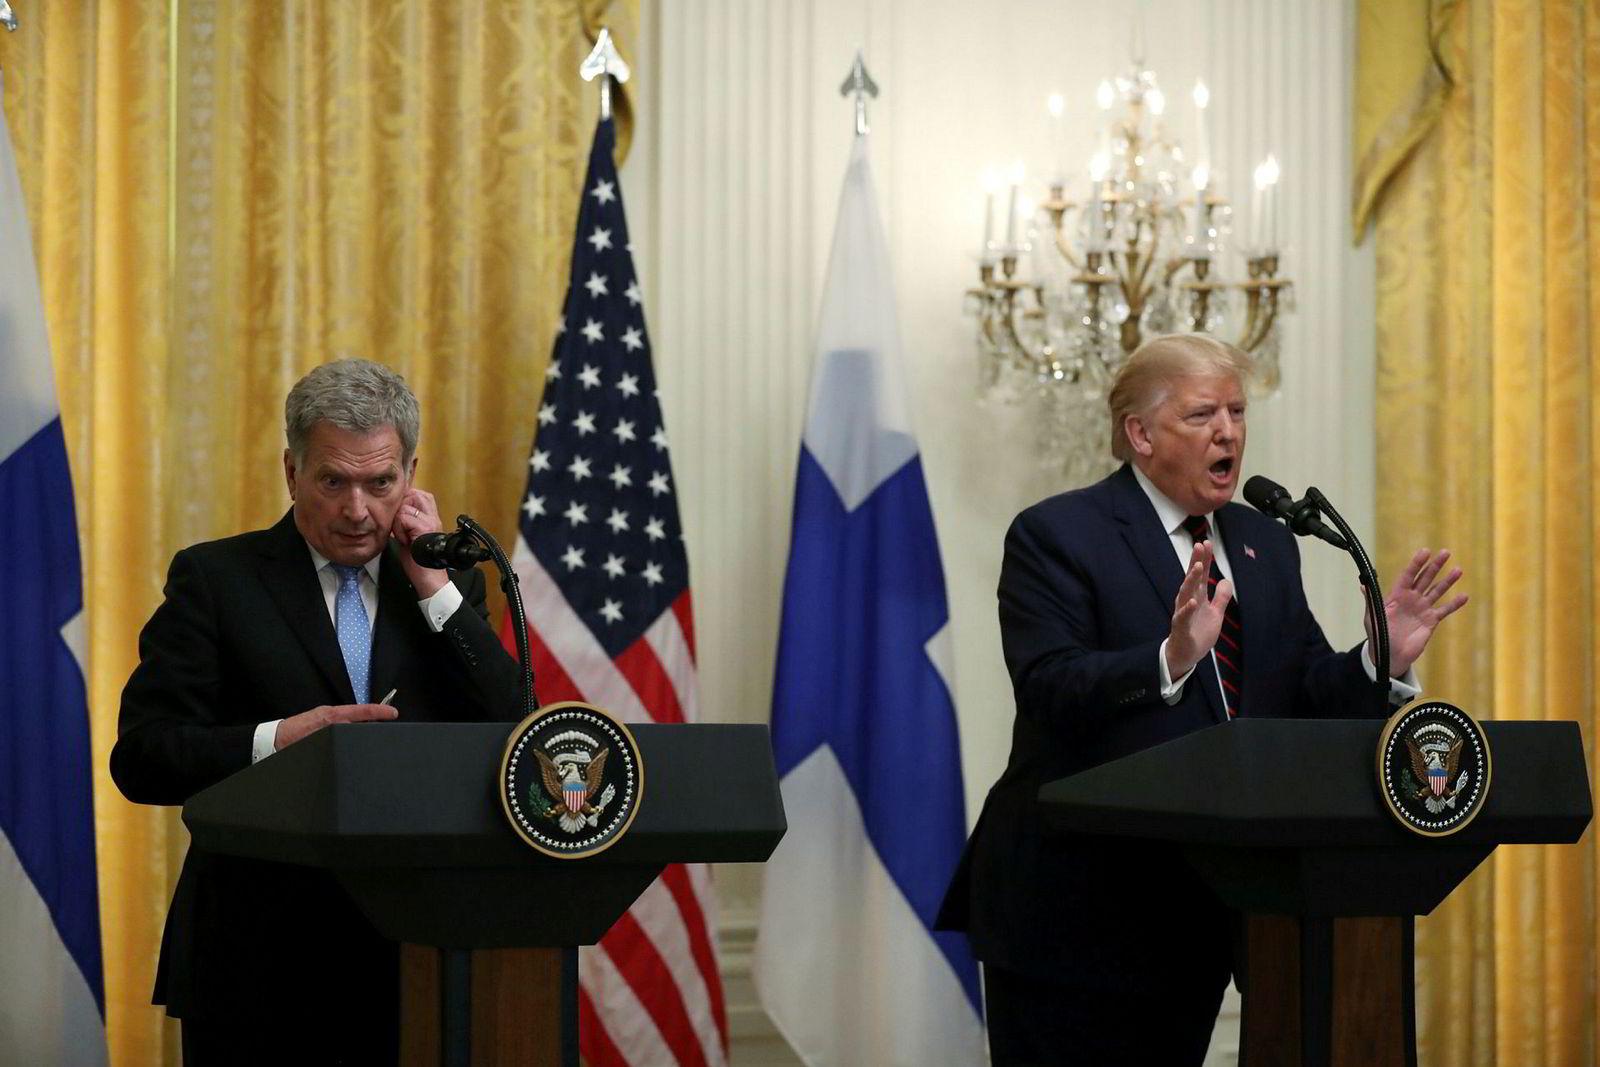 USAs president Donald Trump og den finske presidenten Sauli Niinisto holder en felles pressekonferanse i østrommet i Det hvite hus 2. oktober 2019 i Washington, D. C.e to lederne diskuterte angivelig trådløs 5G-teknologi og europeisk og arktisk sikkerhet da de møttes i Det hvite hus.